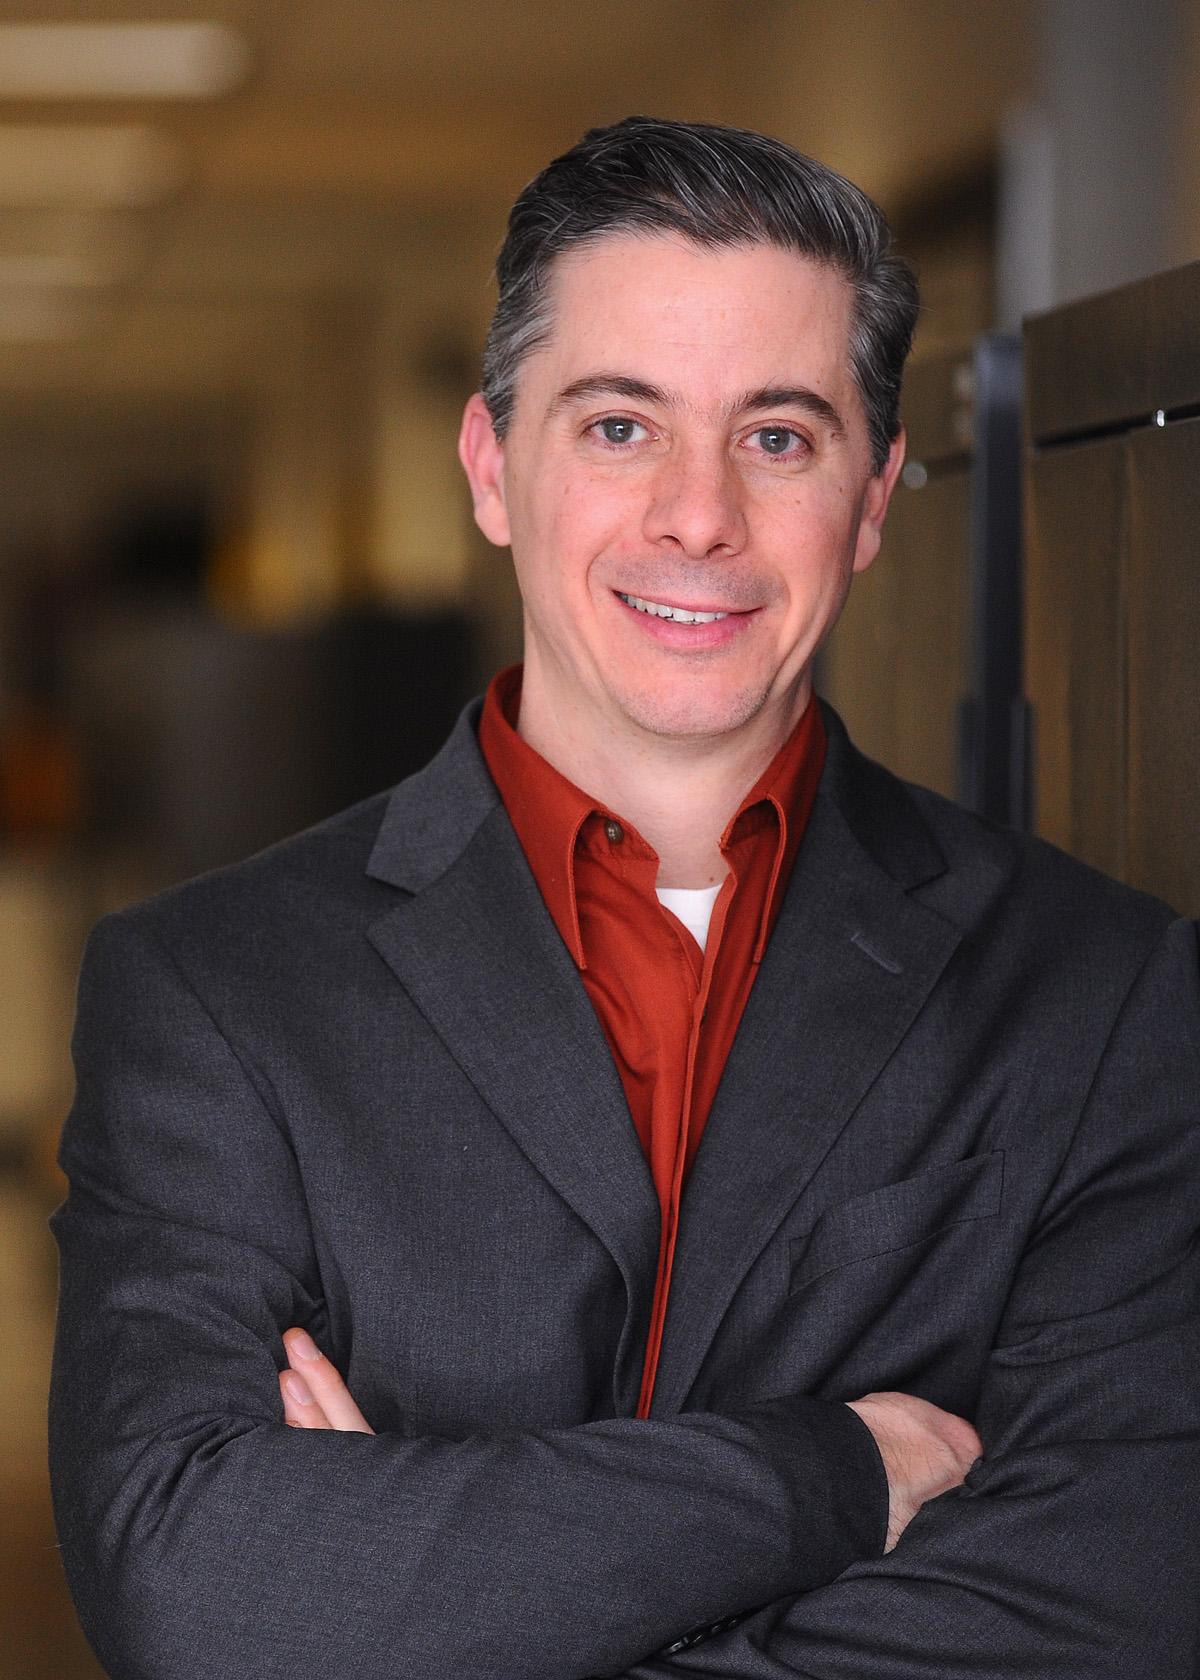 Marco J. Castaldi